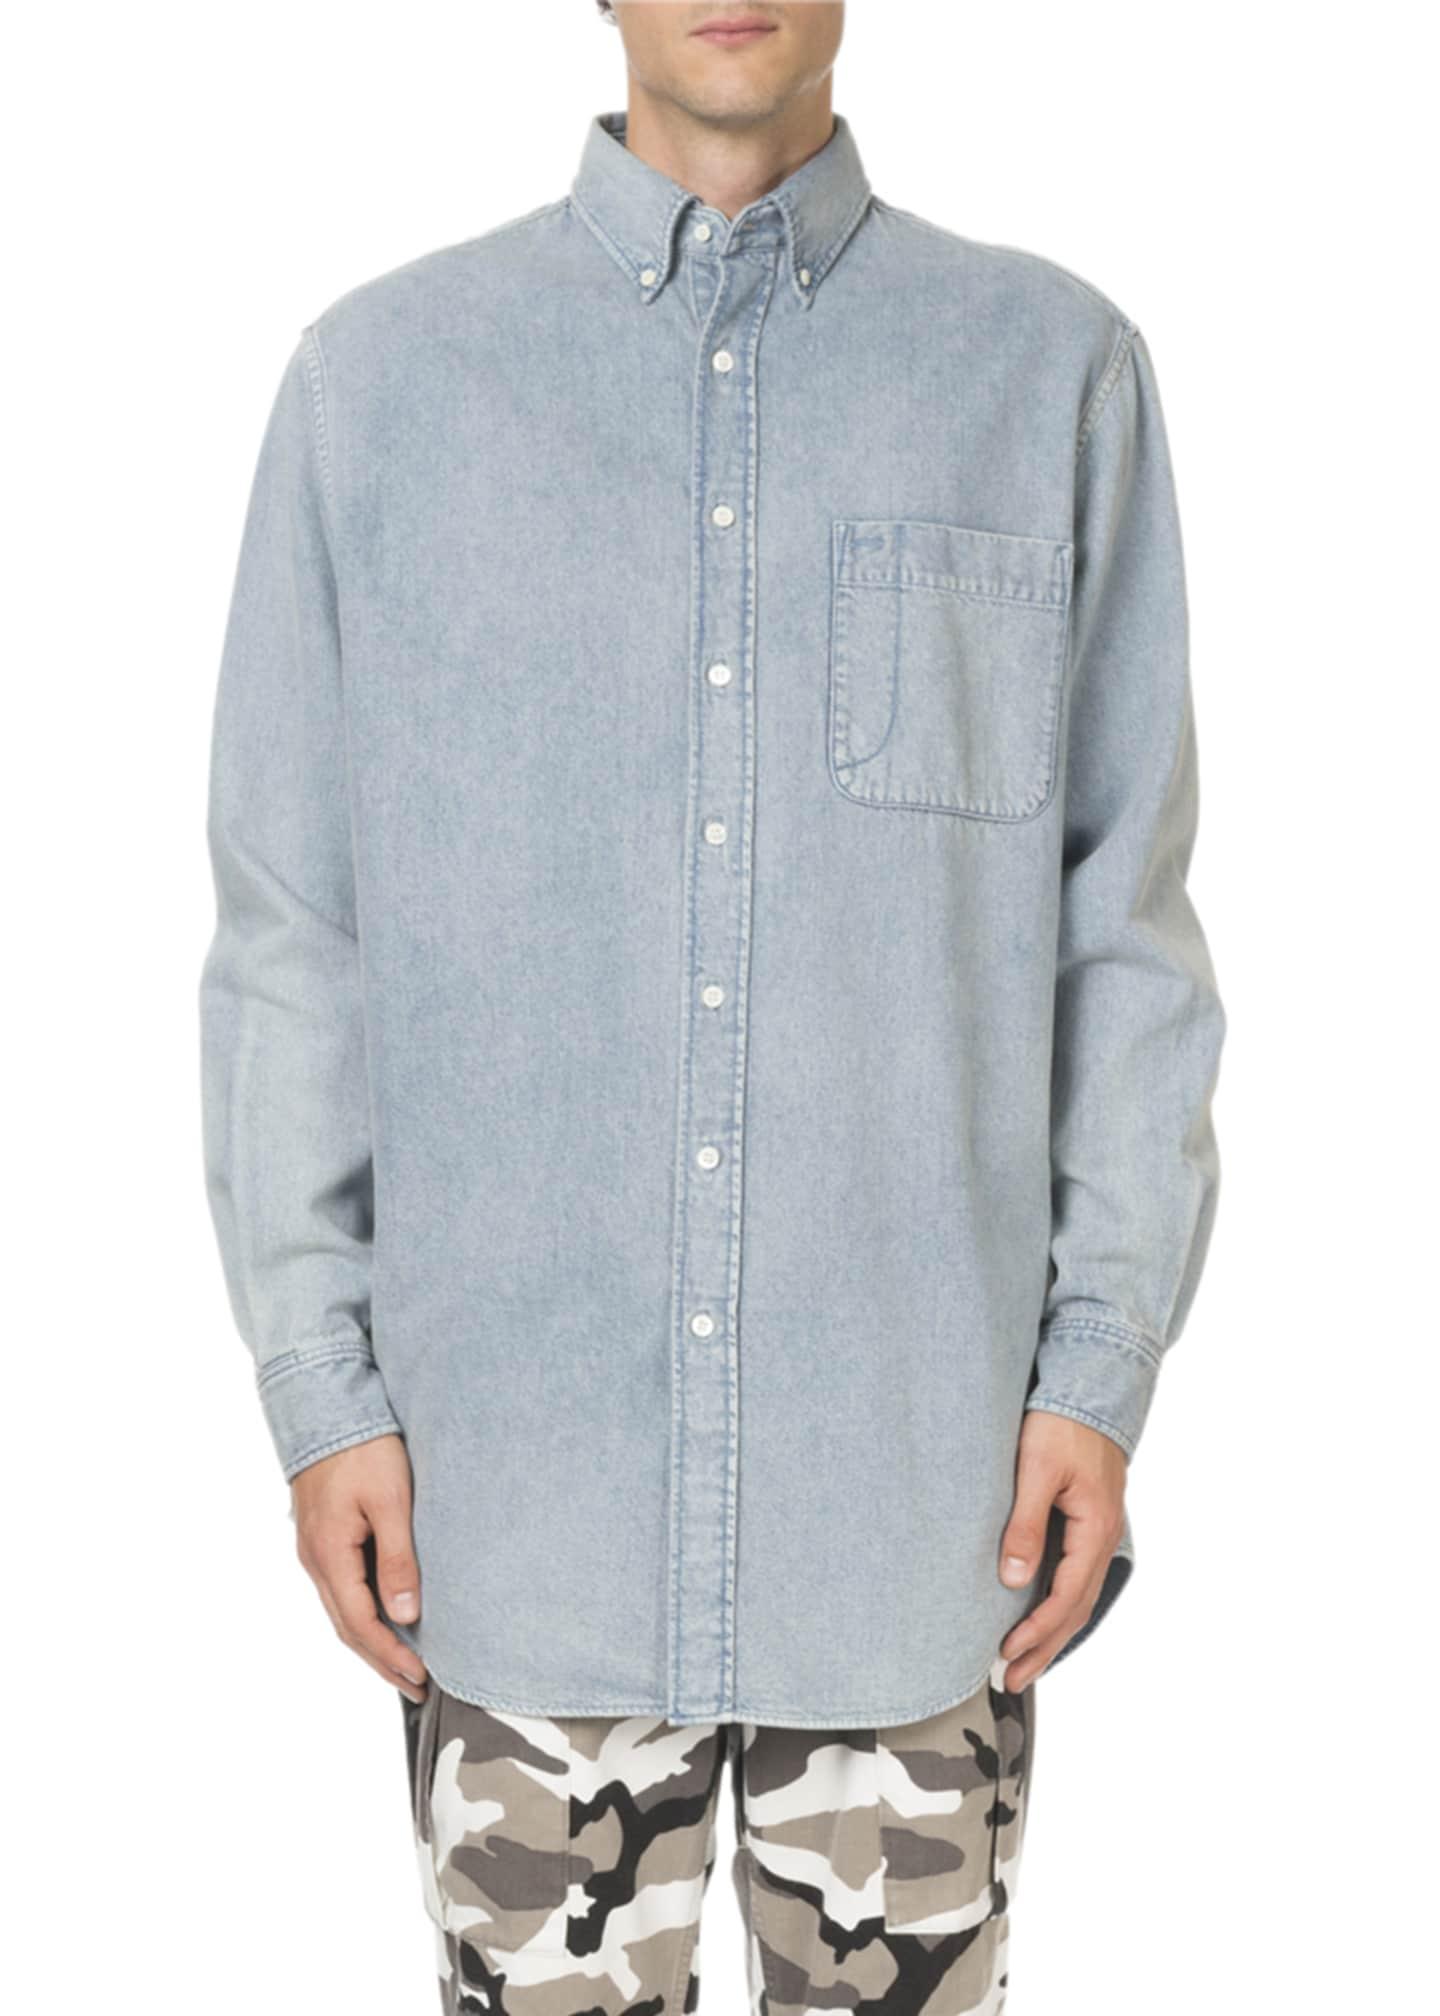 Balenciaga Men's Washed Denim Oversized Shirt with Logo